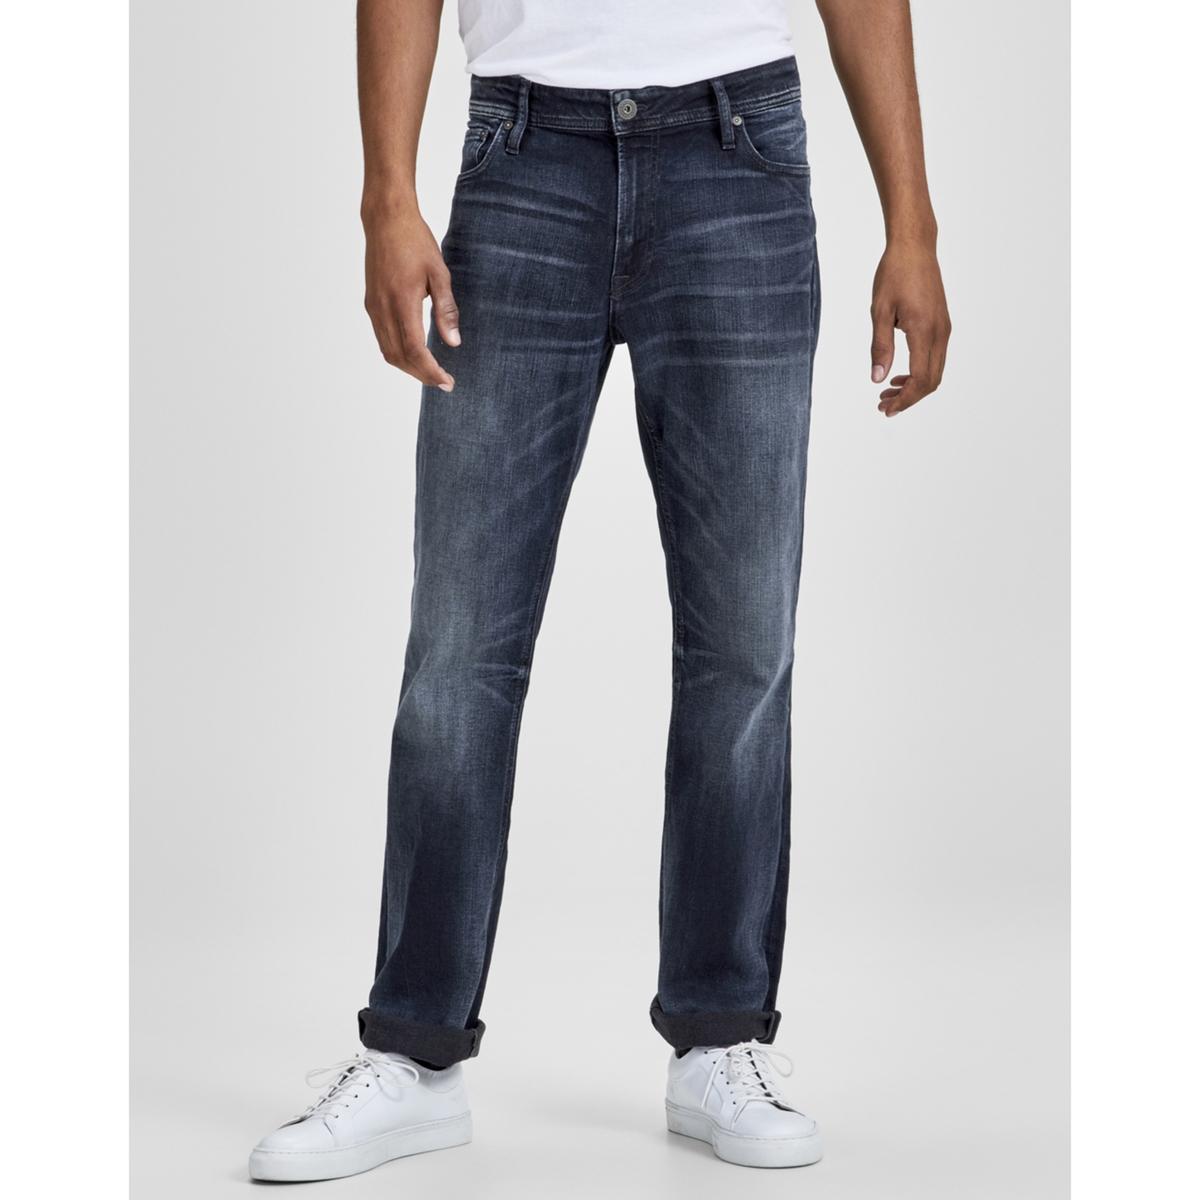 Джинсы стрейч с 5 карманами, JJICLARK JJORIGINAL прямые джинсы с заниженной посадкой и 5 ю карманами arizona